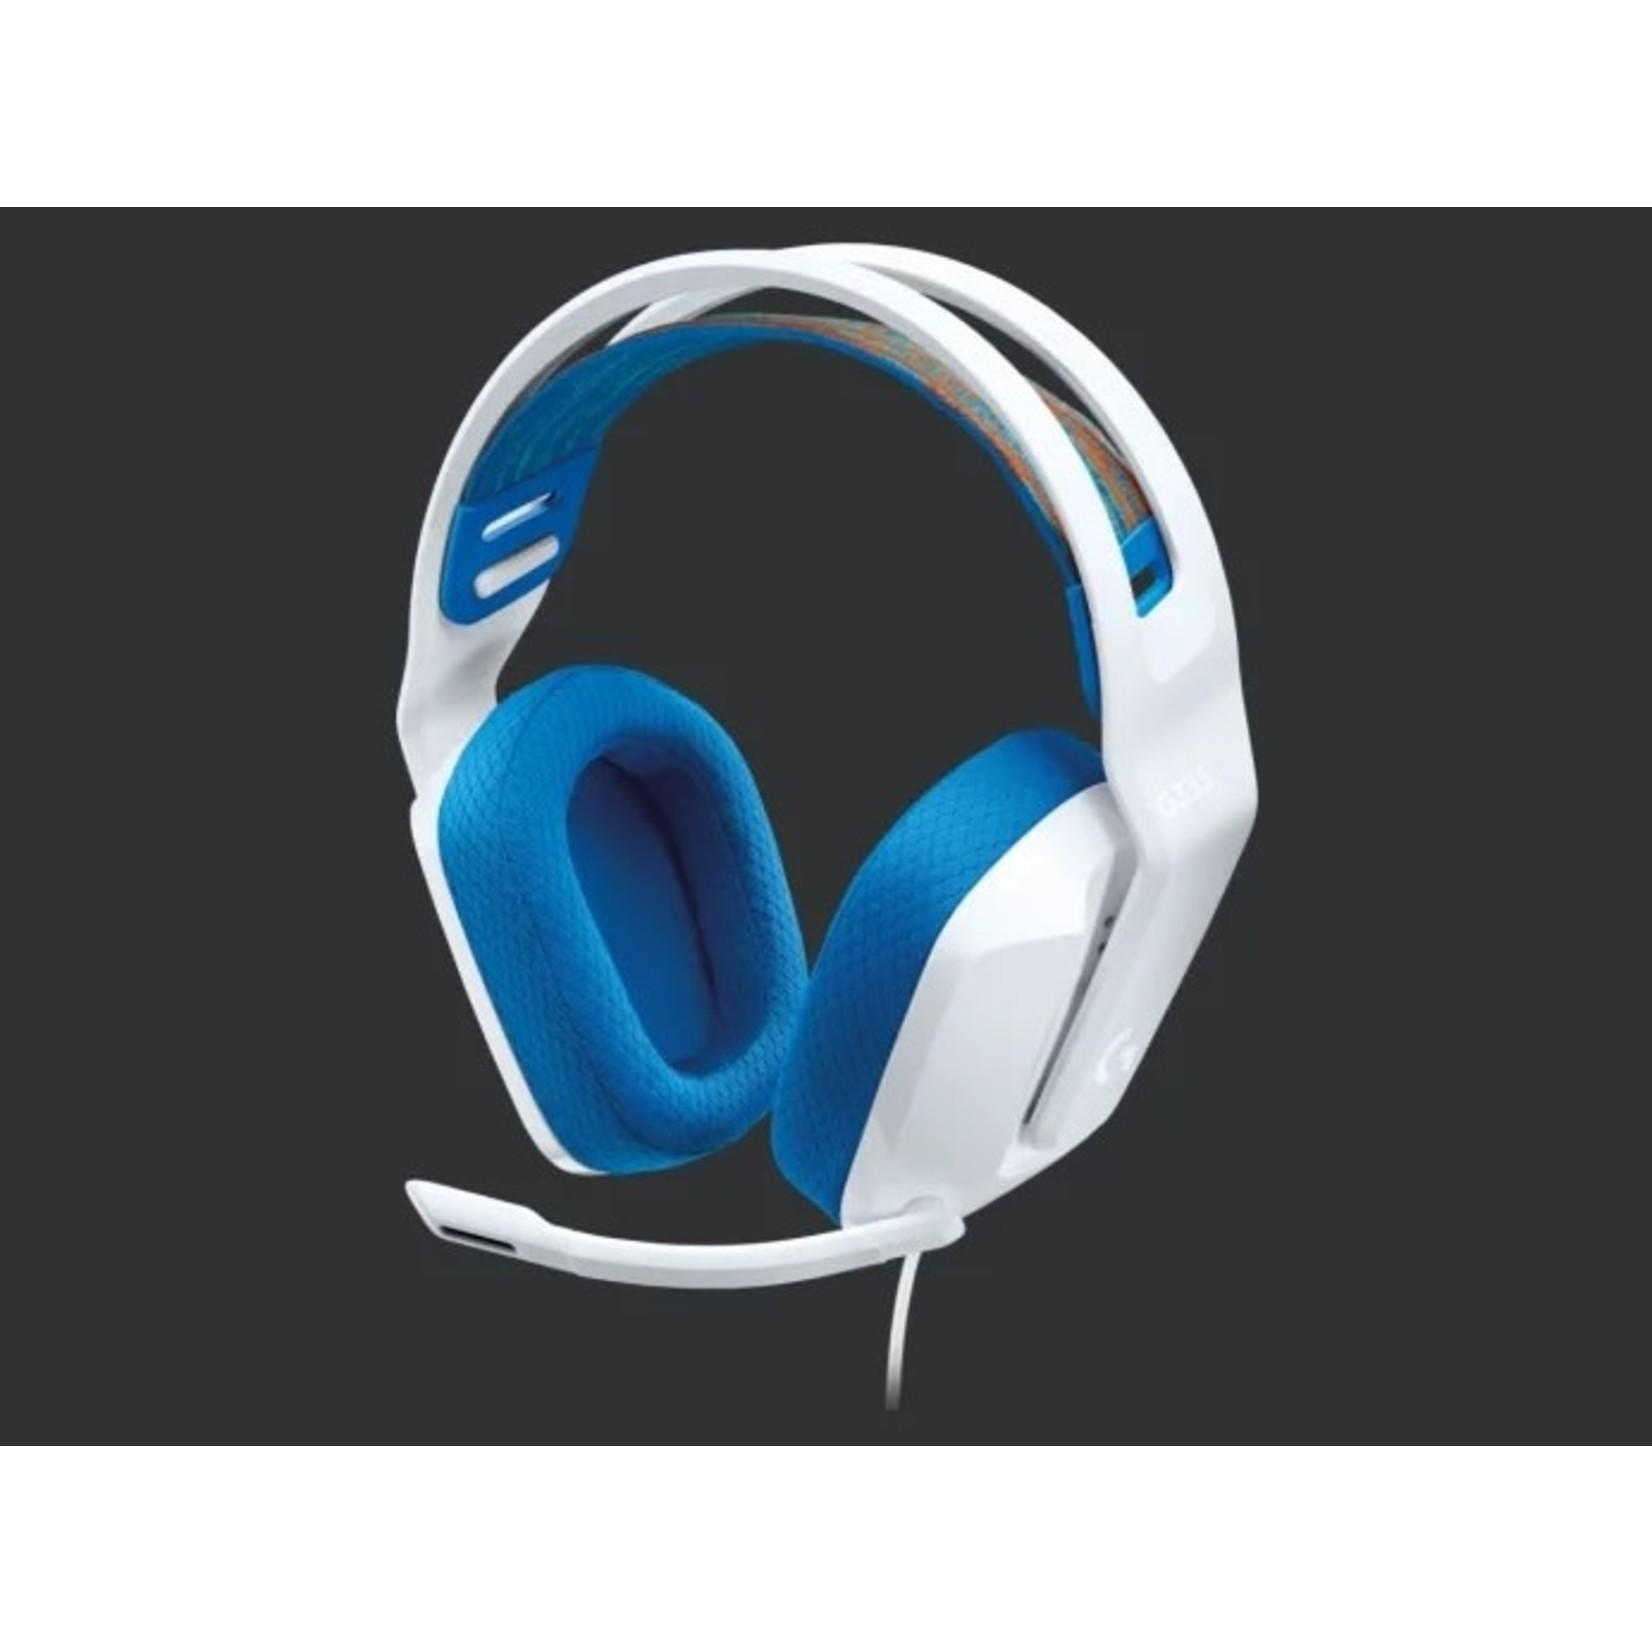 Logitech Logitech G335 Stereo Gaming Headset White